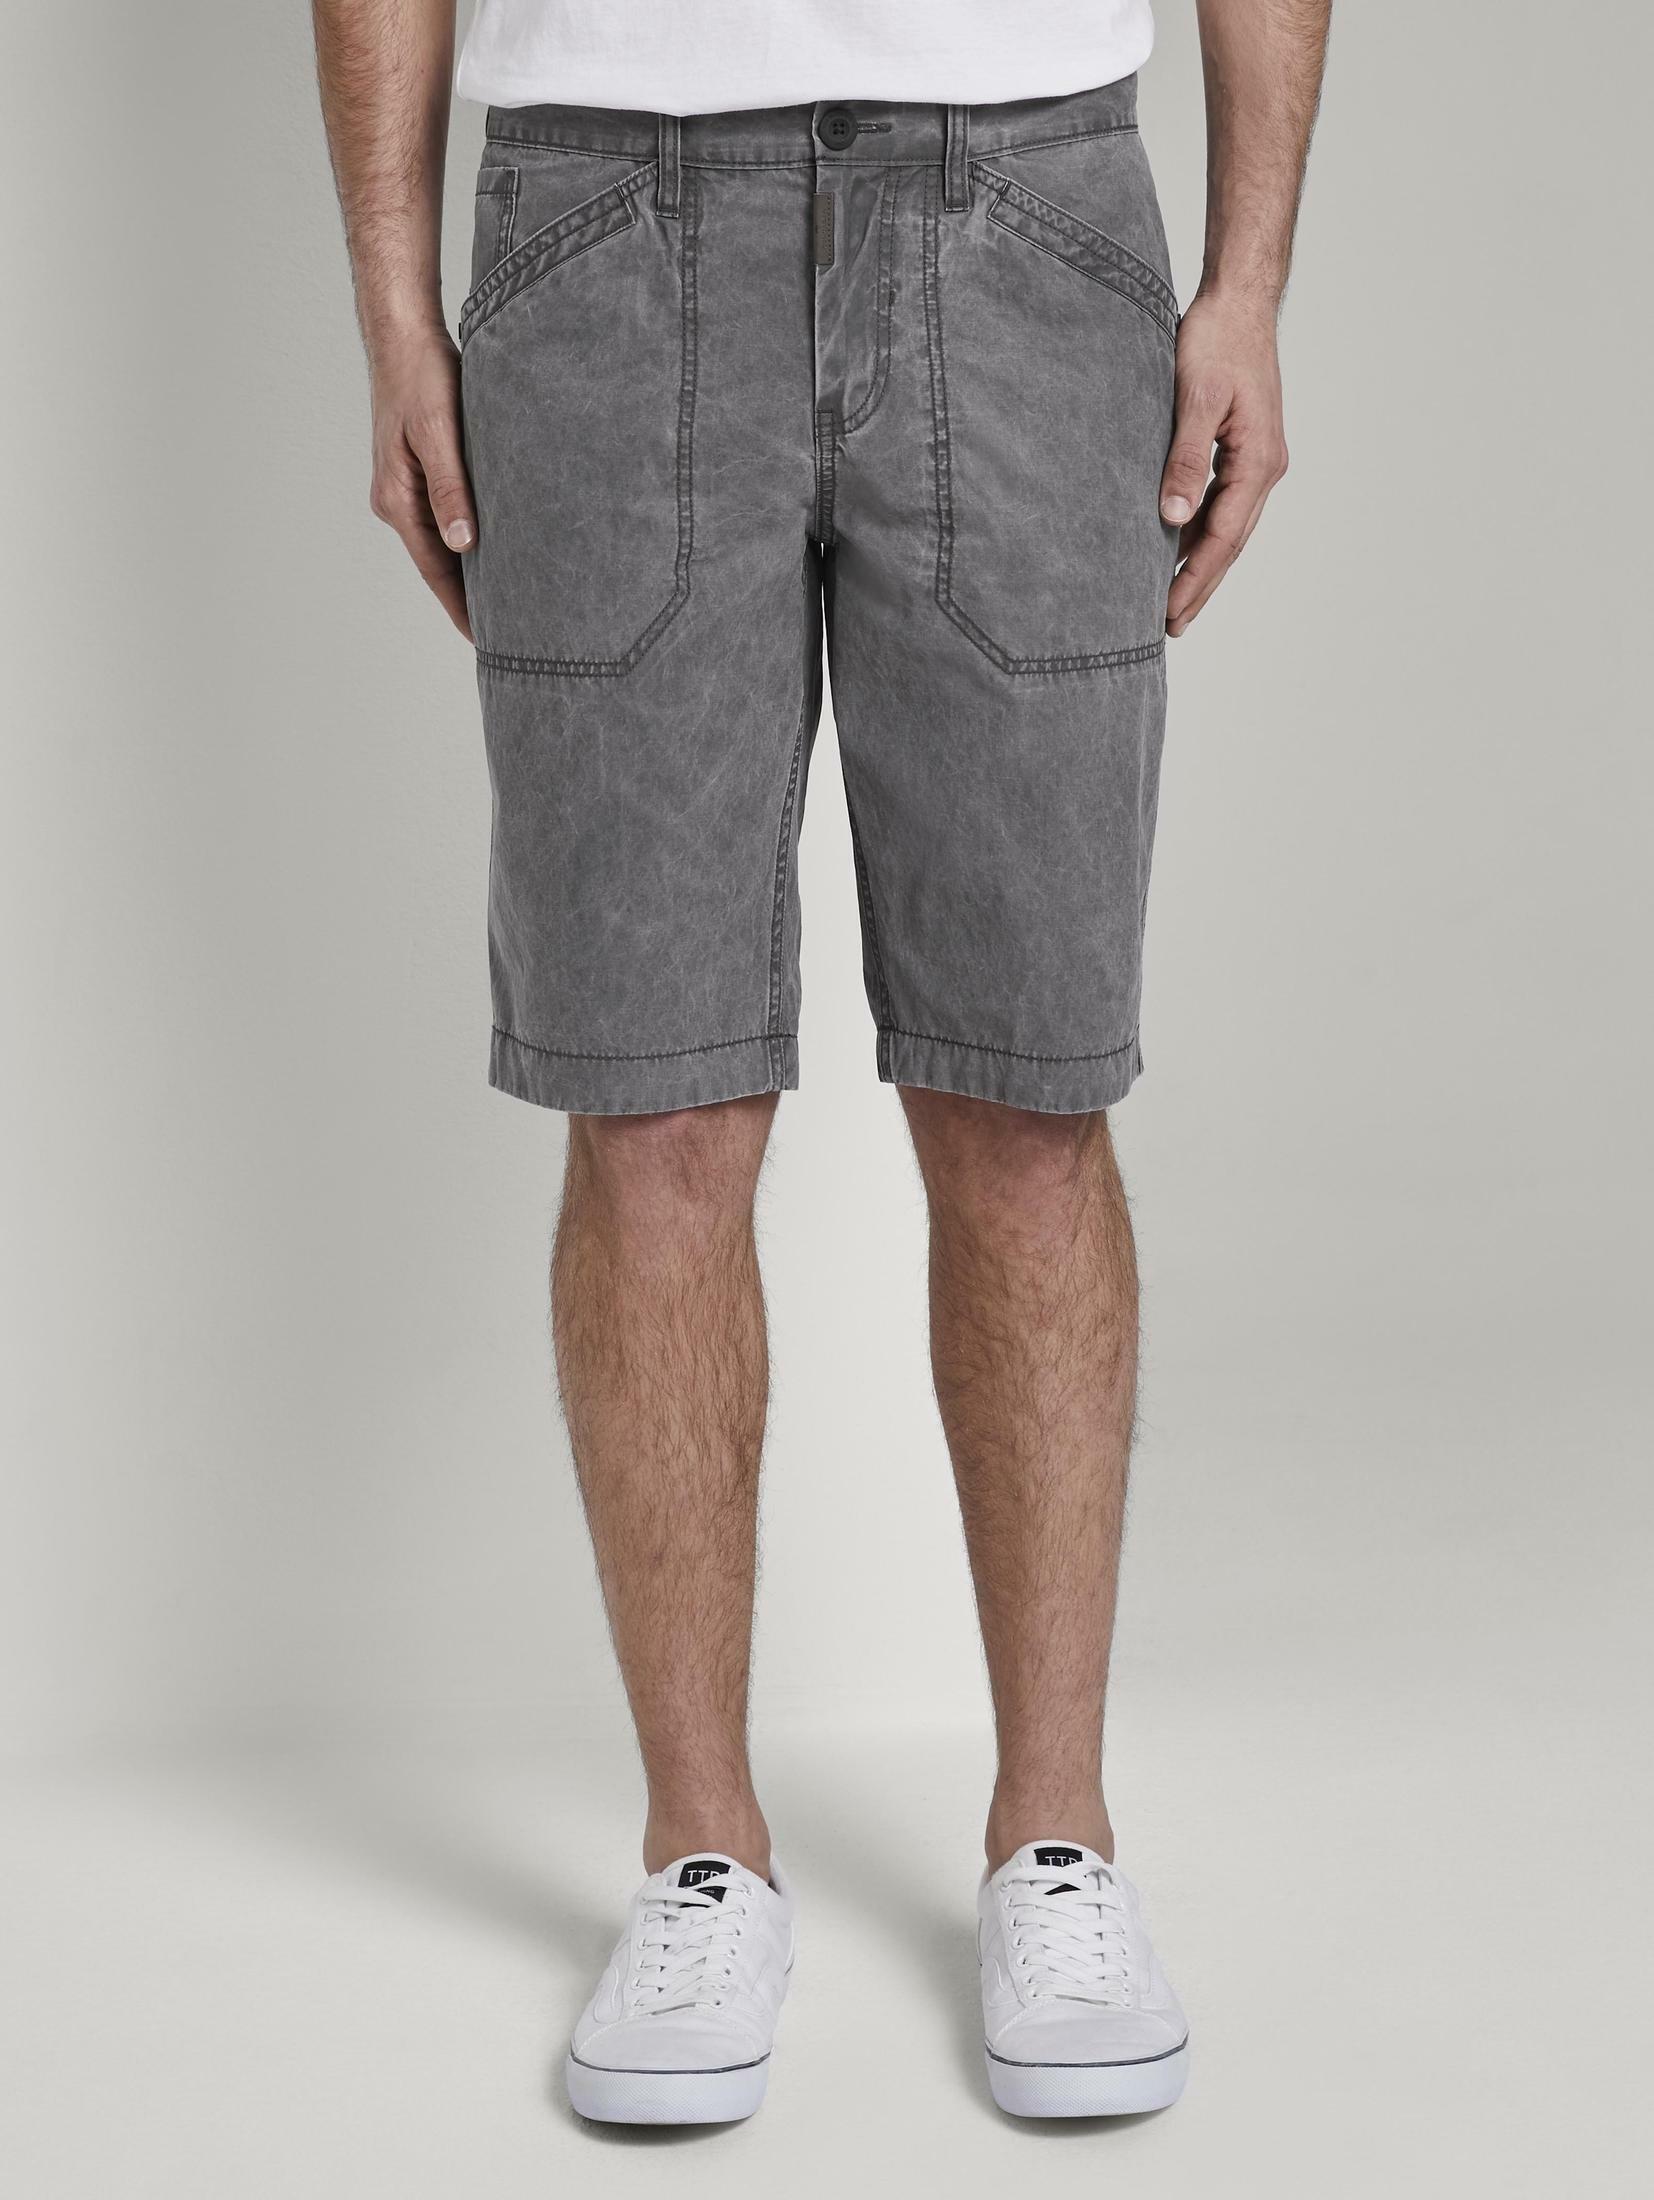 TOM TAILOR short »Josh Regular Slim Shorts« bestellen: 30 dagen bedenktijd